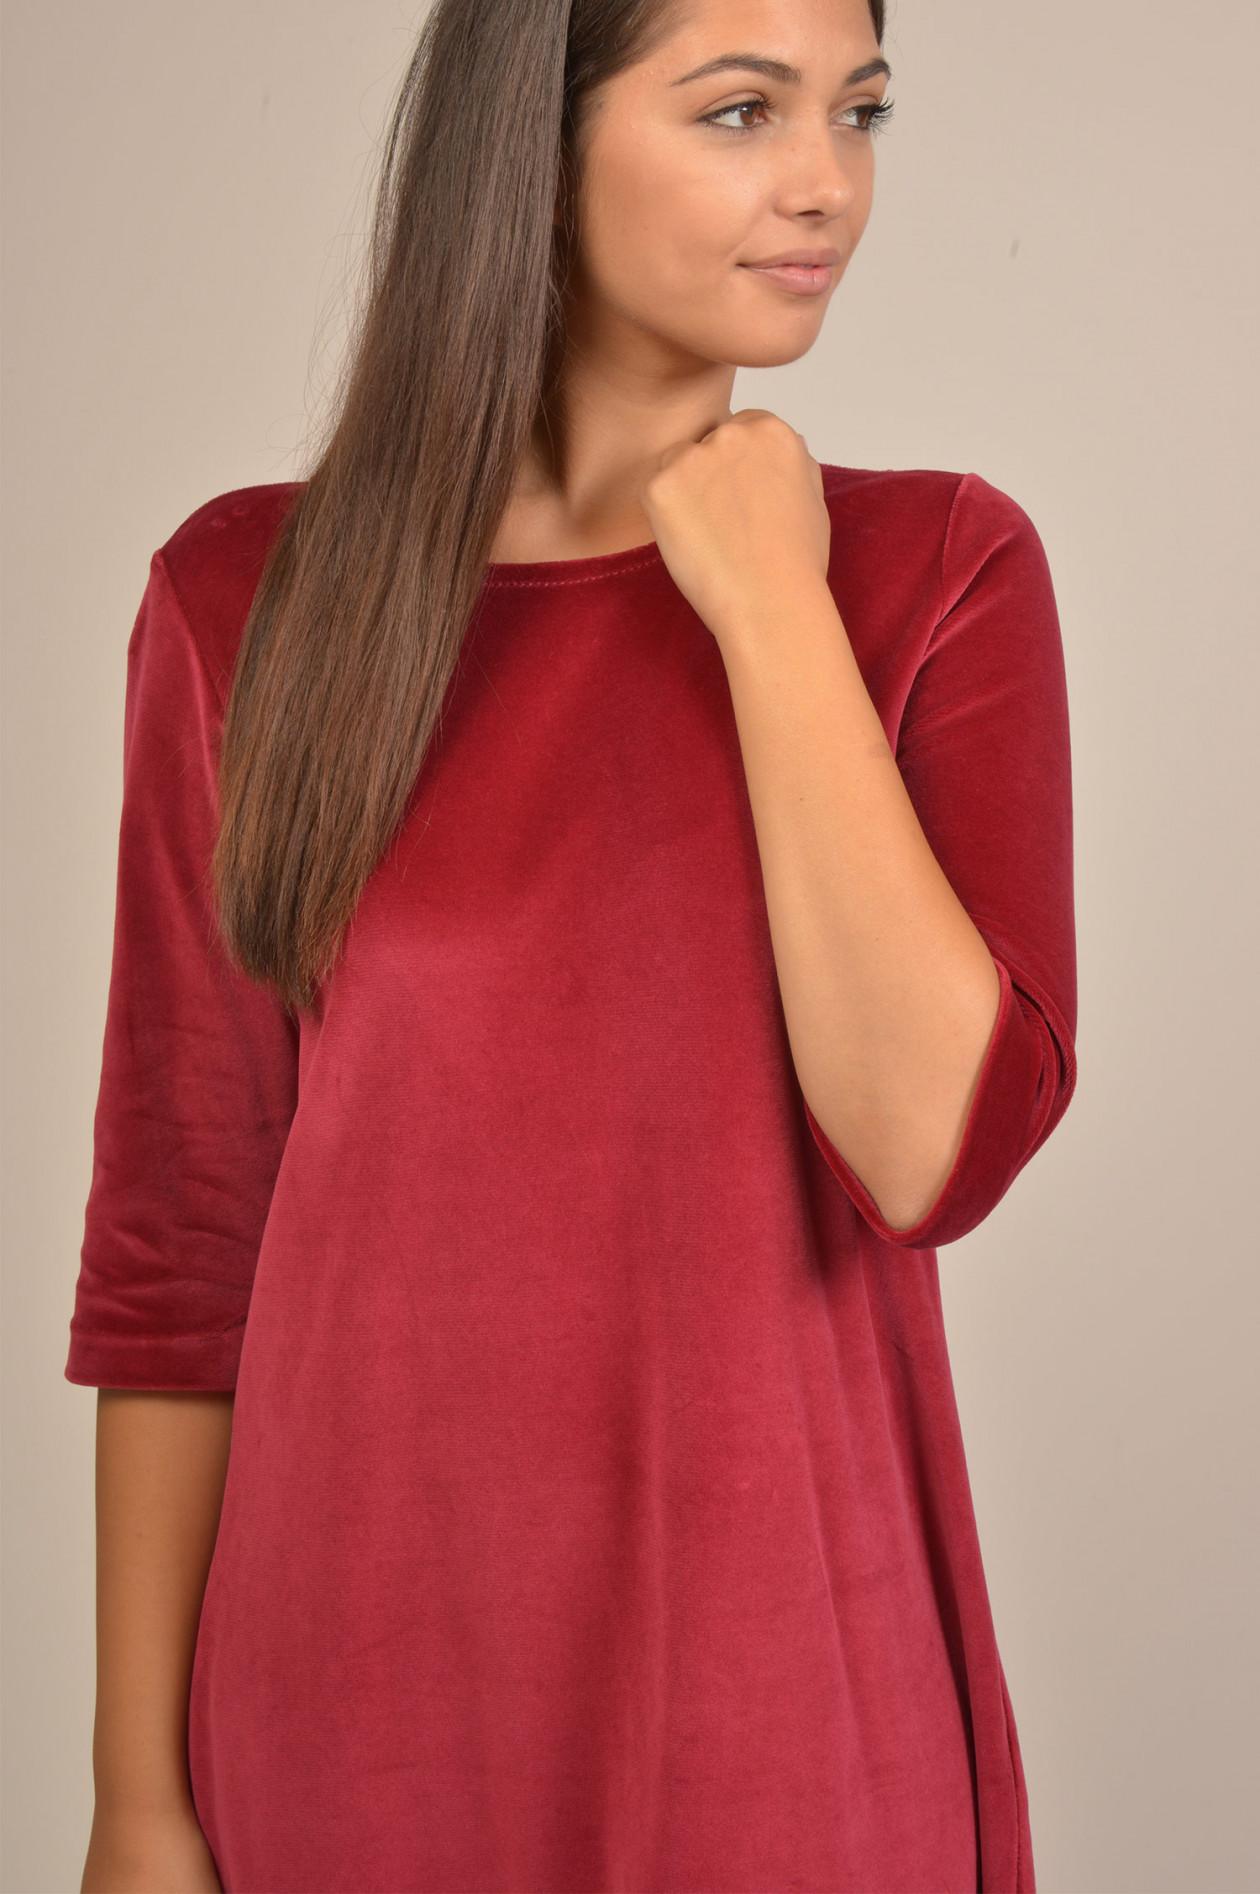 günstig moderner Stil wie man kauft Samtkleid in Rot